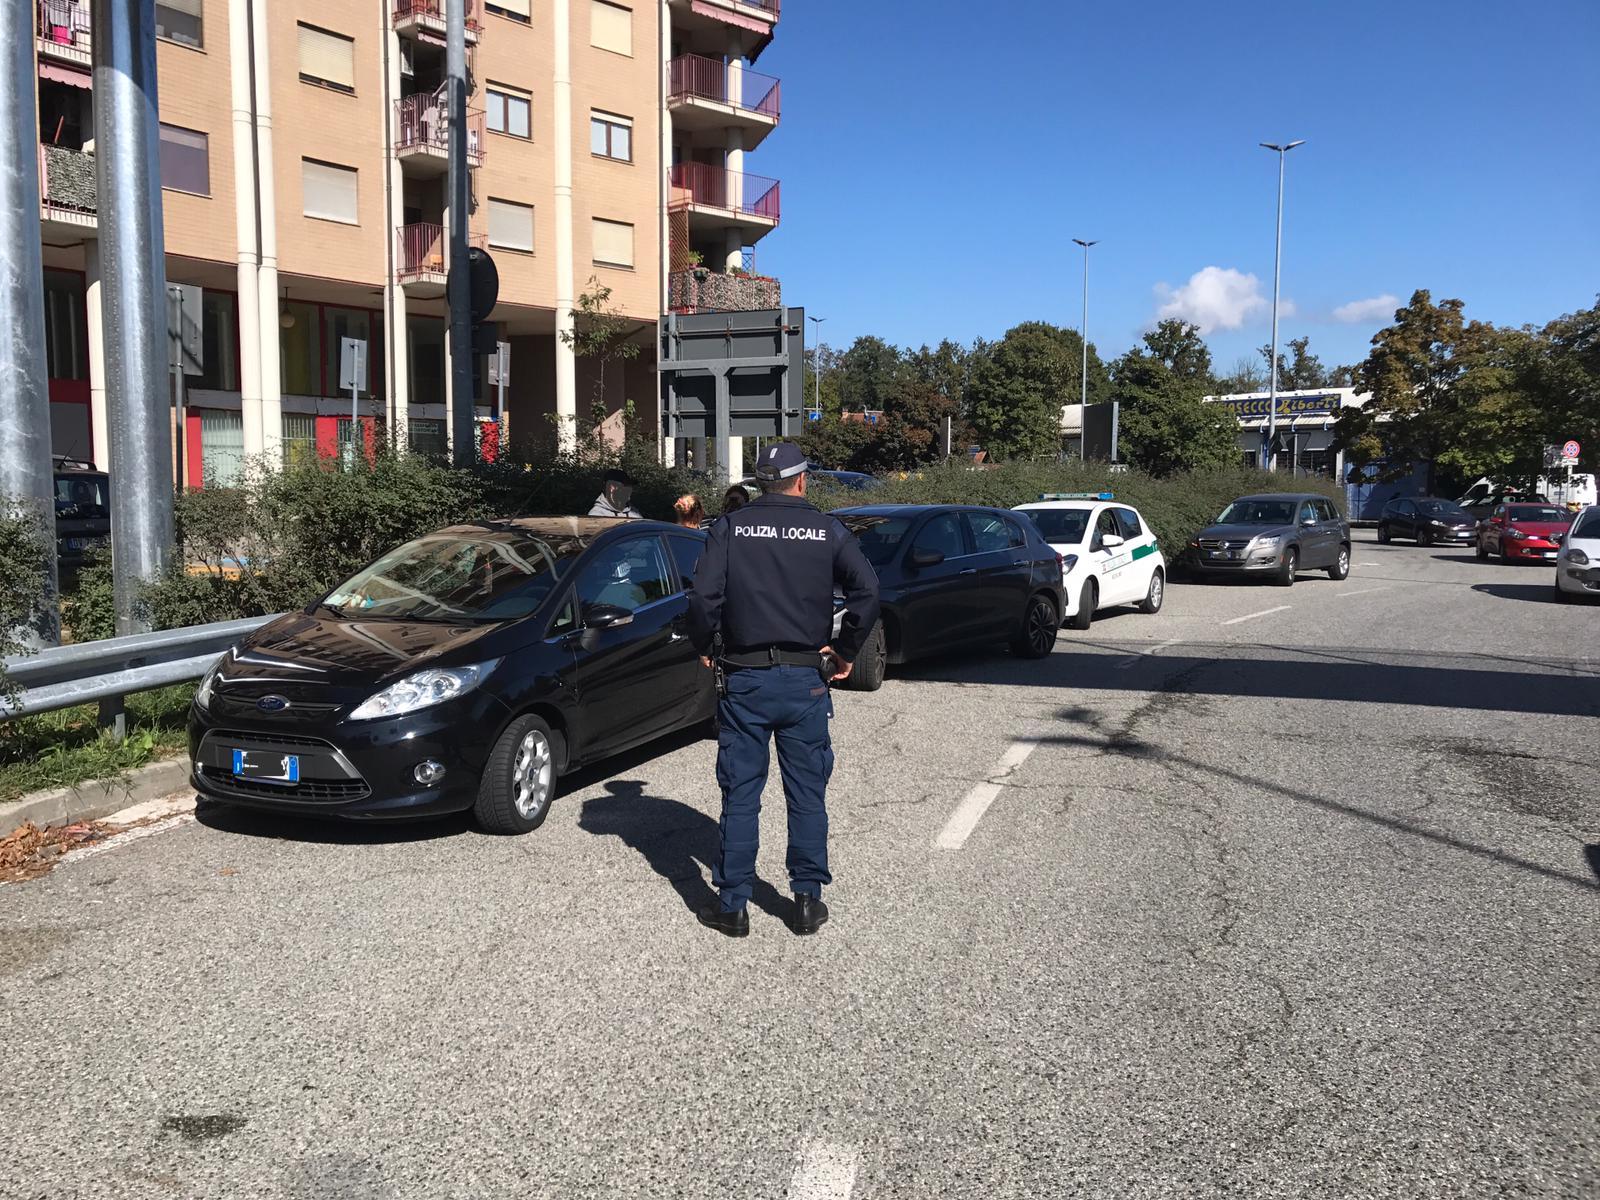 NICHELINO – Viene tamponata, ma non ha l'assicurazione. E si becca 800 euro di multa